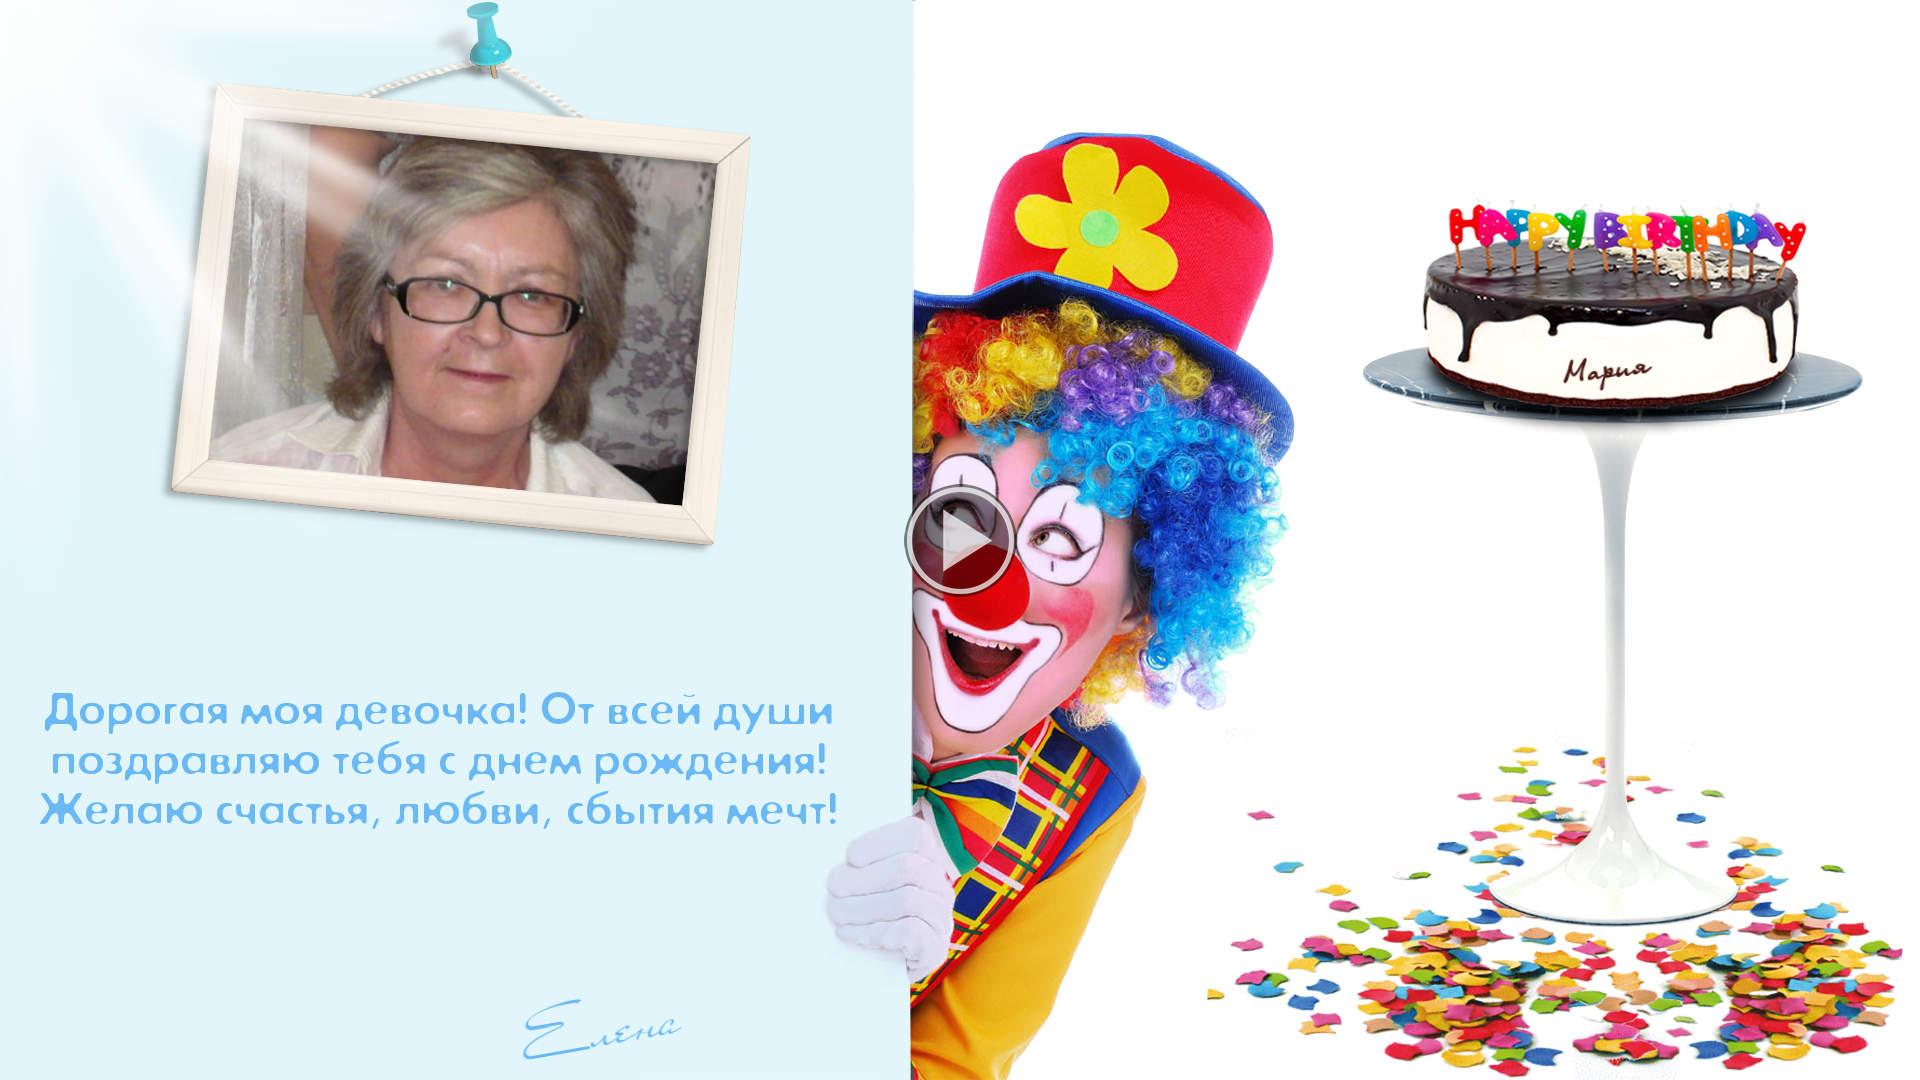 Поздравление с днем рождения бывшую